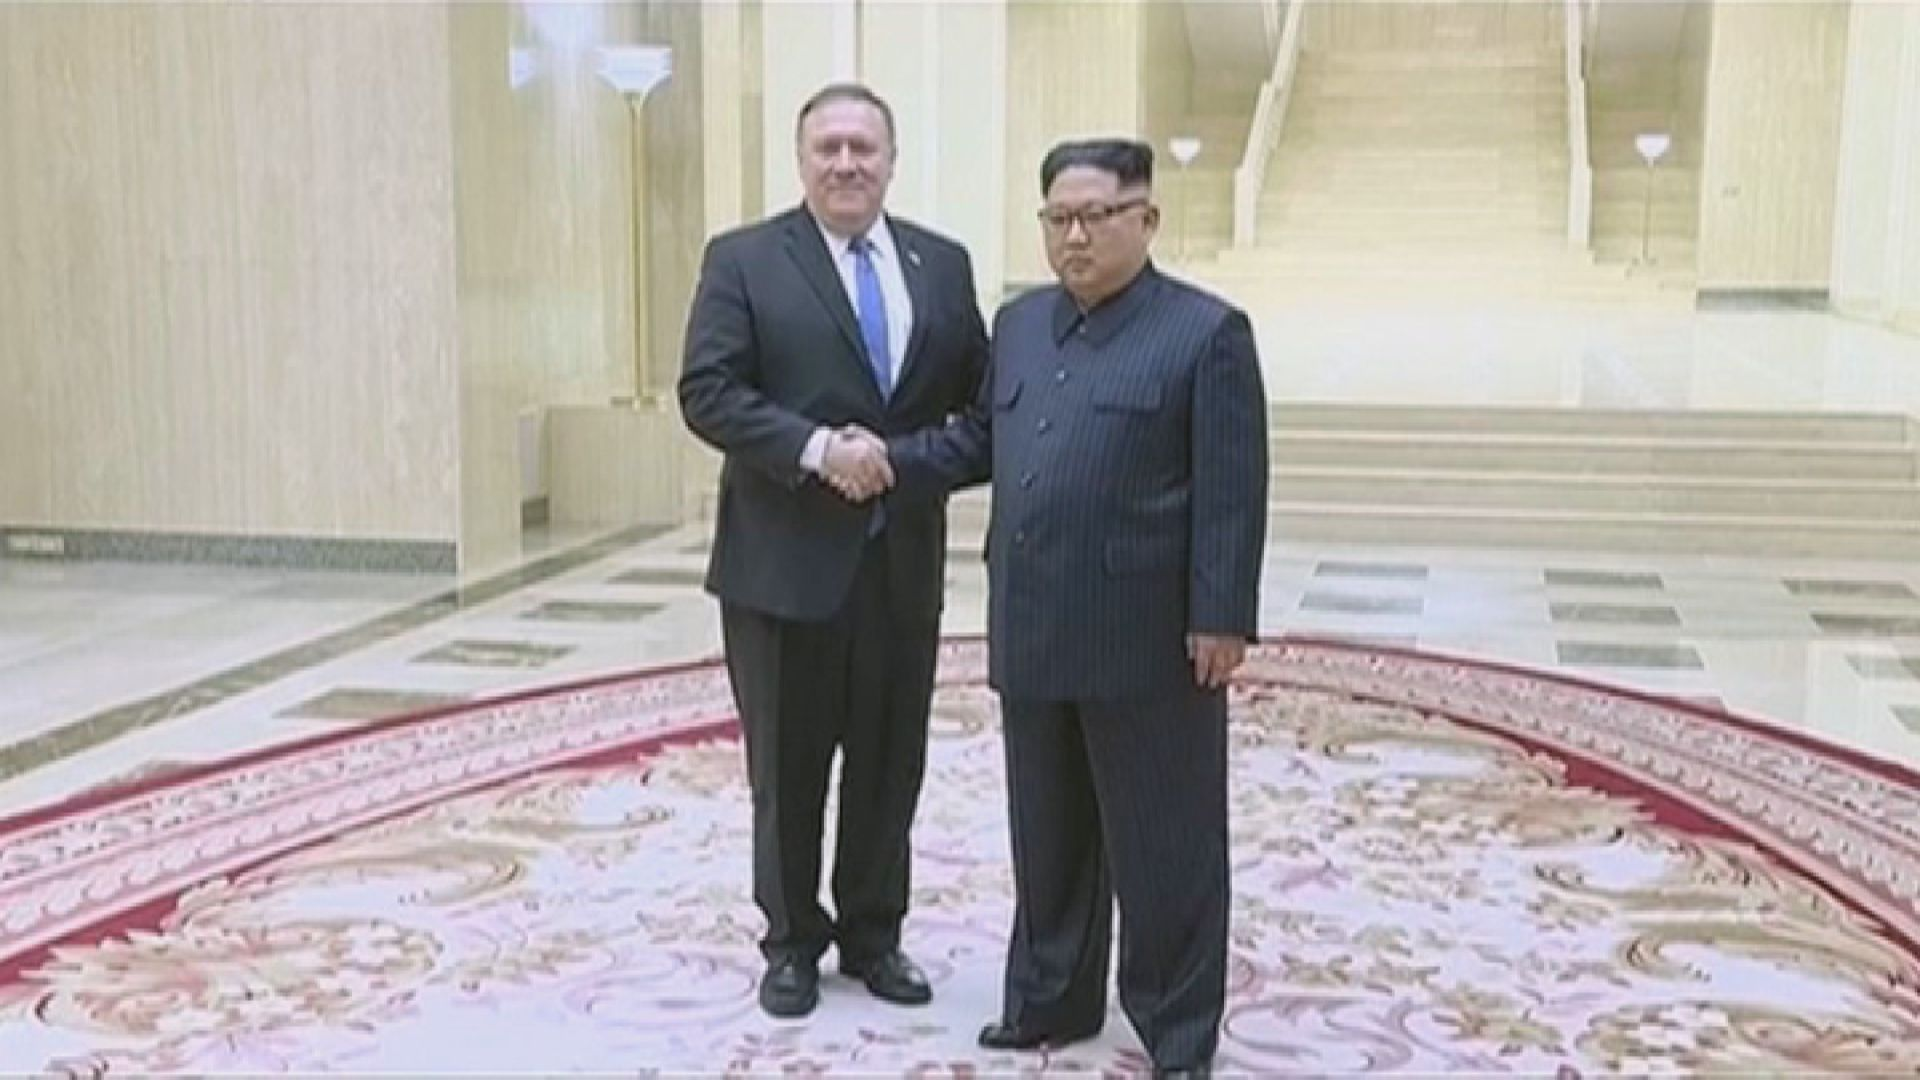 蓬佩奧周日訪平壤 拒為棄核設時限